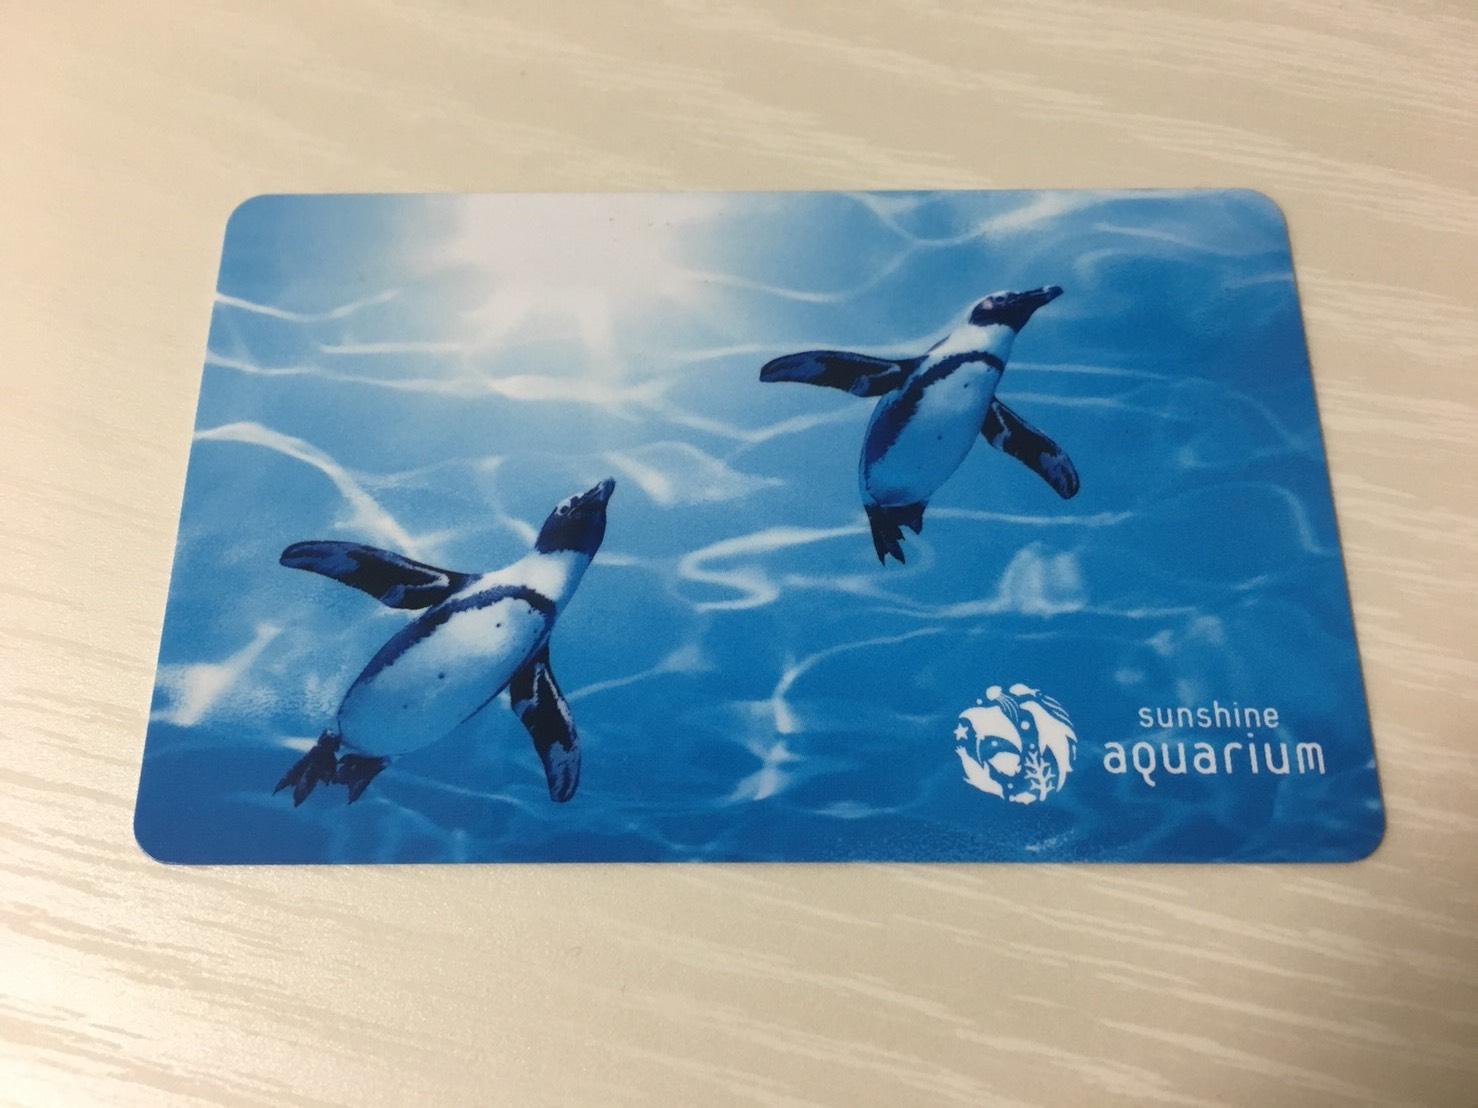 【池袋駅】「サンシャイン水族館」年間2回行くなら『年間パスポート』が断然お得!特典いっぱい!